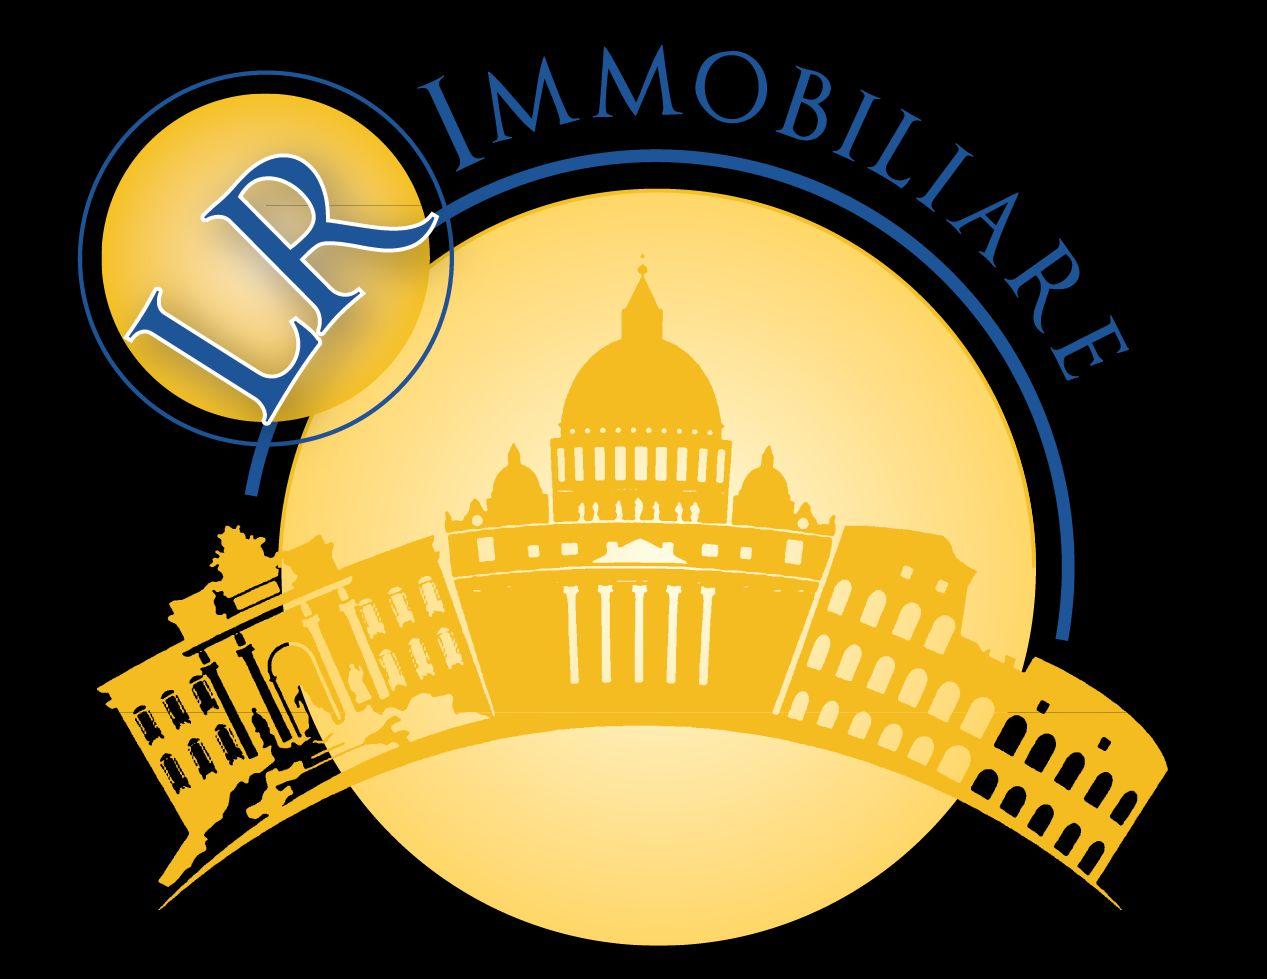 LR IMMOBILIARE S.R.L.